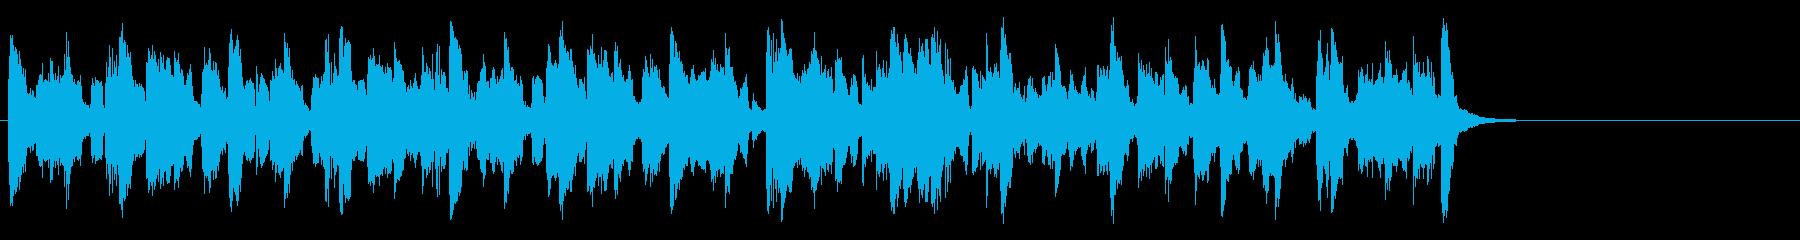 コミカルなほのぼのポップ(サビ~Aメロ)の再生済みの波形